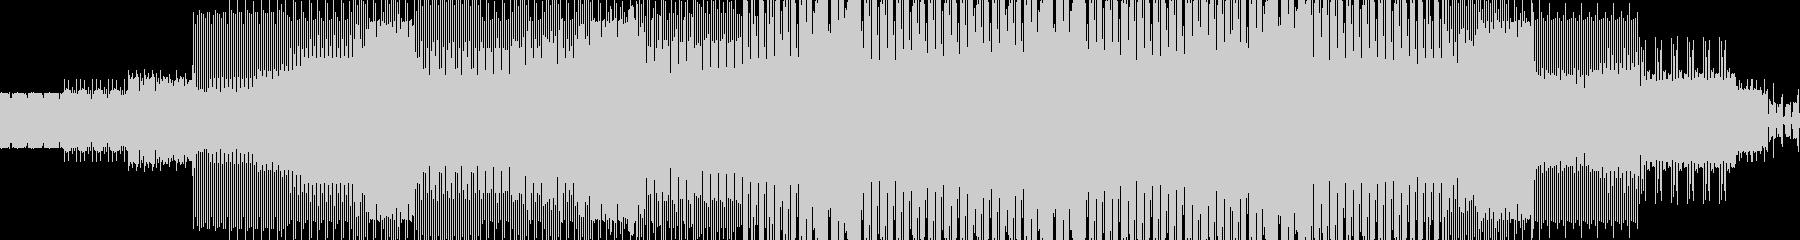 エレクトロハウス。の未再生の波形